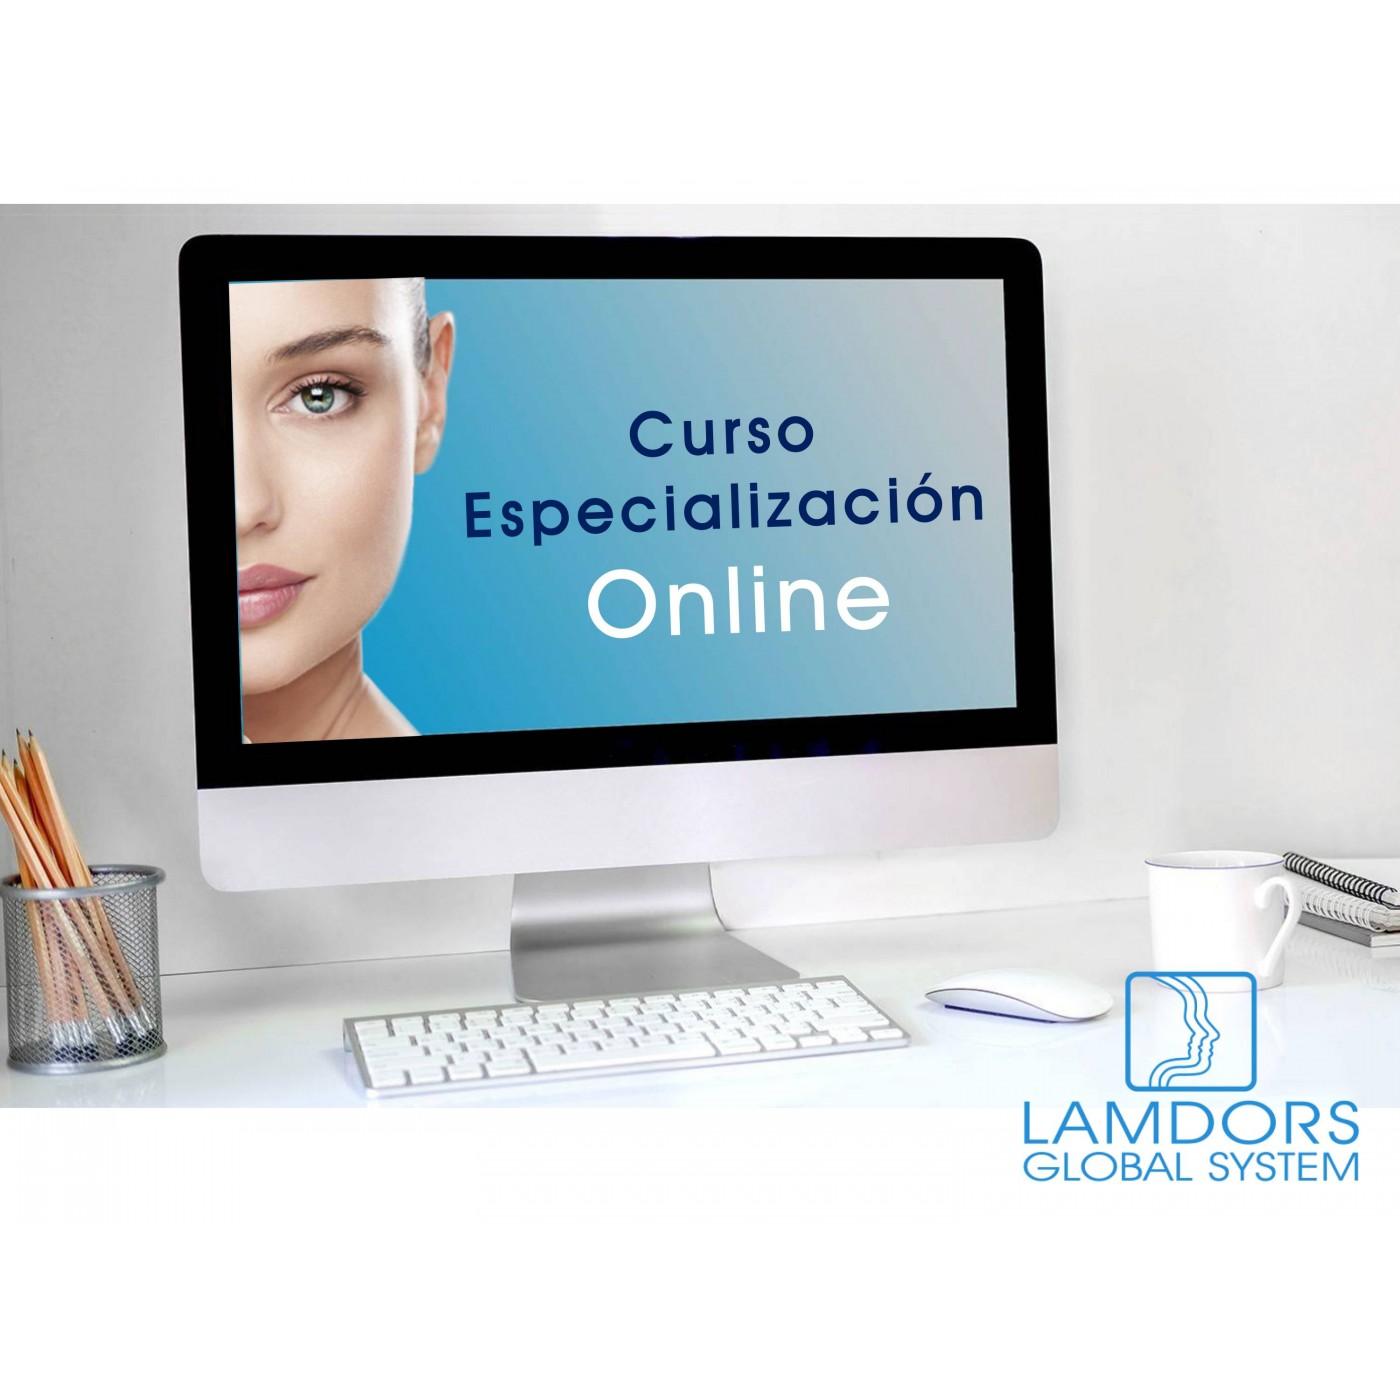 U.F. Workshop Official V.A.P.I.S. Lamdors Facial Consultation Video